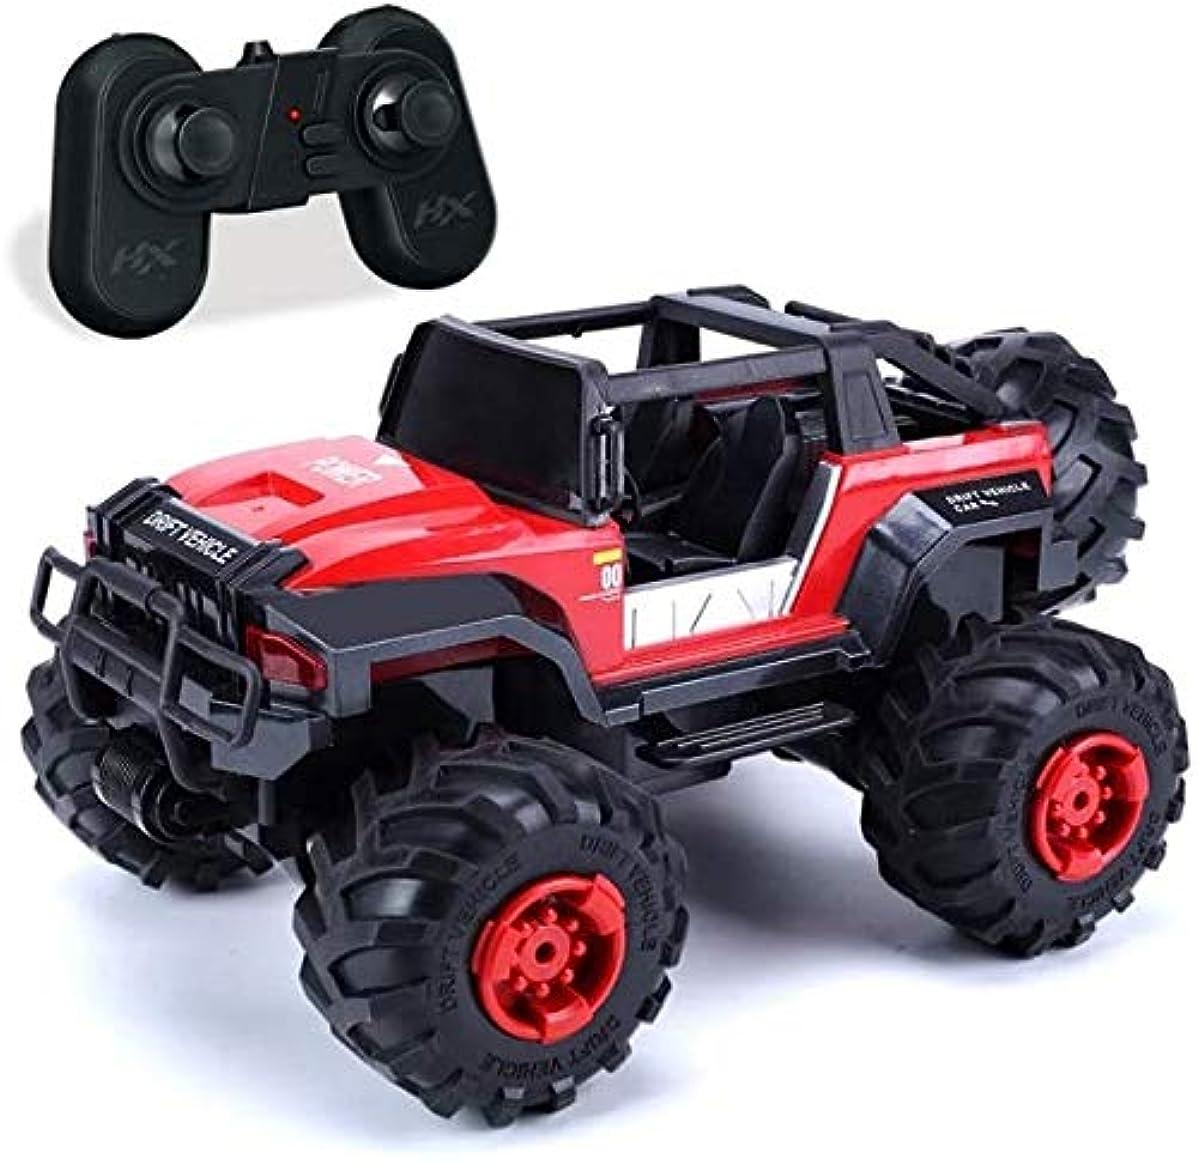 老朽化した活気づけるアミューズWangch 午前1時14分充電式クライミング電気子供のおもちゃのモデルカー、良いオフロードクライミングのパフォーマンス、子供の教育玩具カーモデル、充電式高速リモートコントロールカー